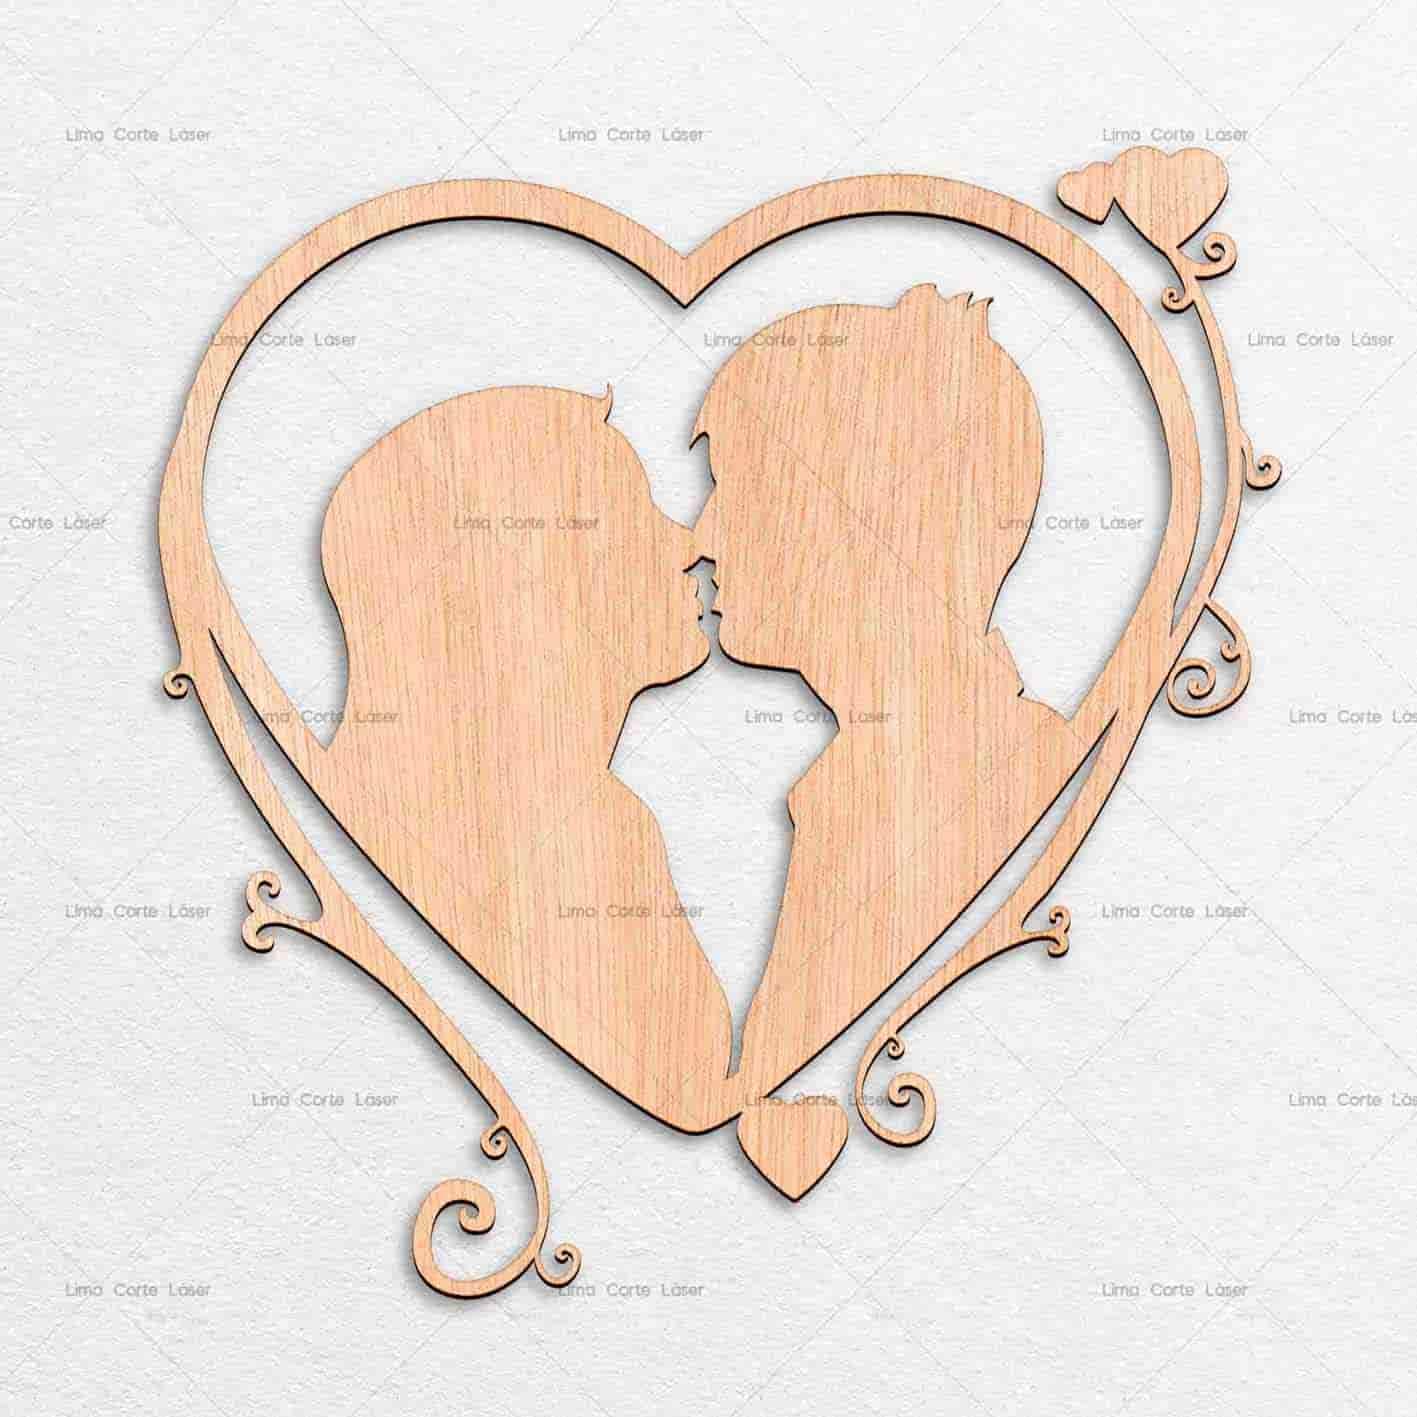 """corazon-de-madera-con-forma-de-novios-cortado-con-laser.jpg"""" alt=""""Corazón de madera con forma de novios cortado con láser"""